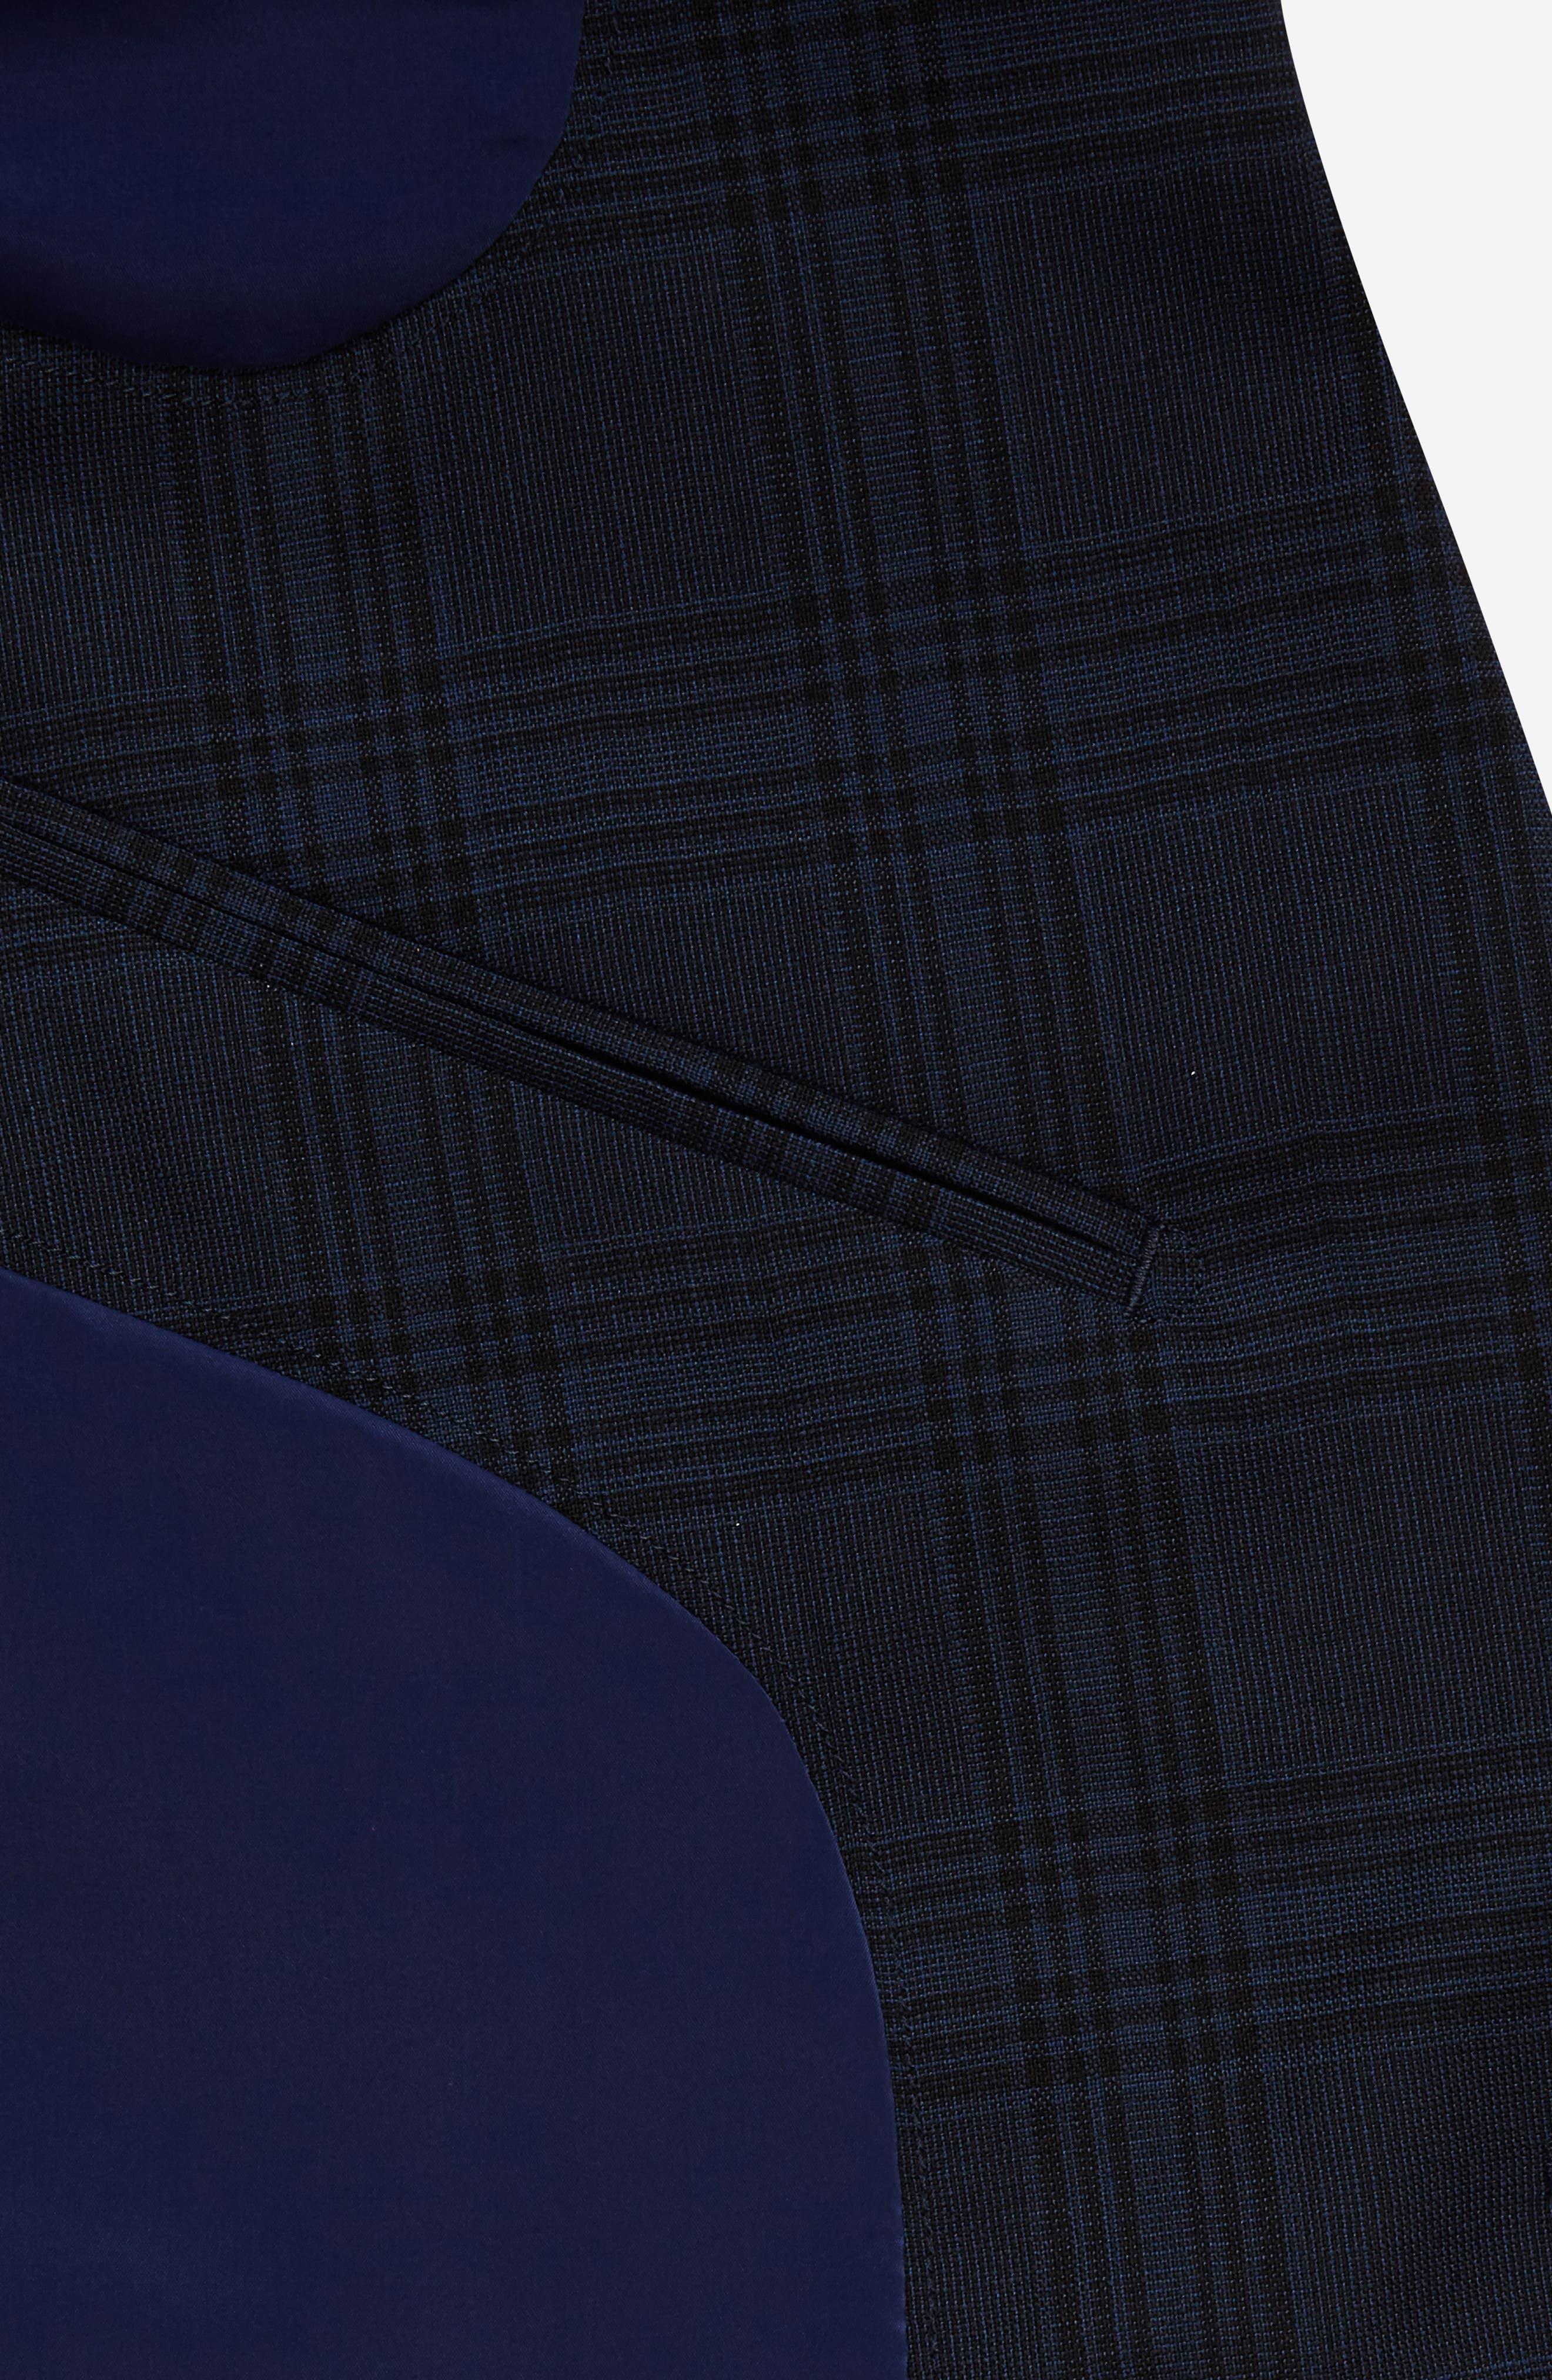 Jetsetter Trim Fit Stretch Plaid Wool Blend Suit Jacket,                             Alternate thumbnail 4, color,                             Navy Plaid